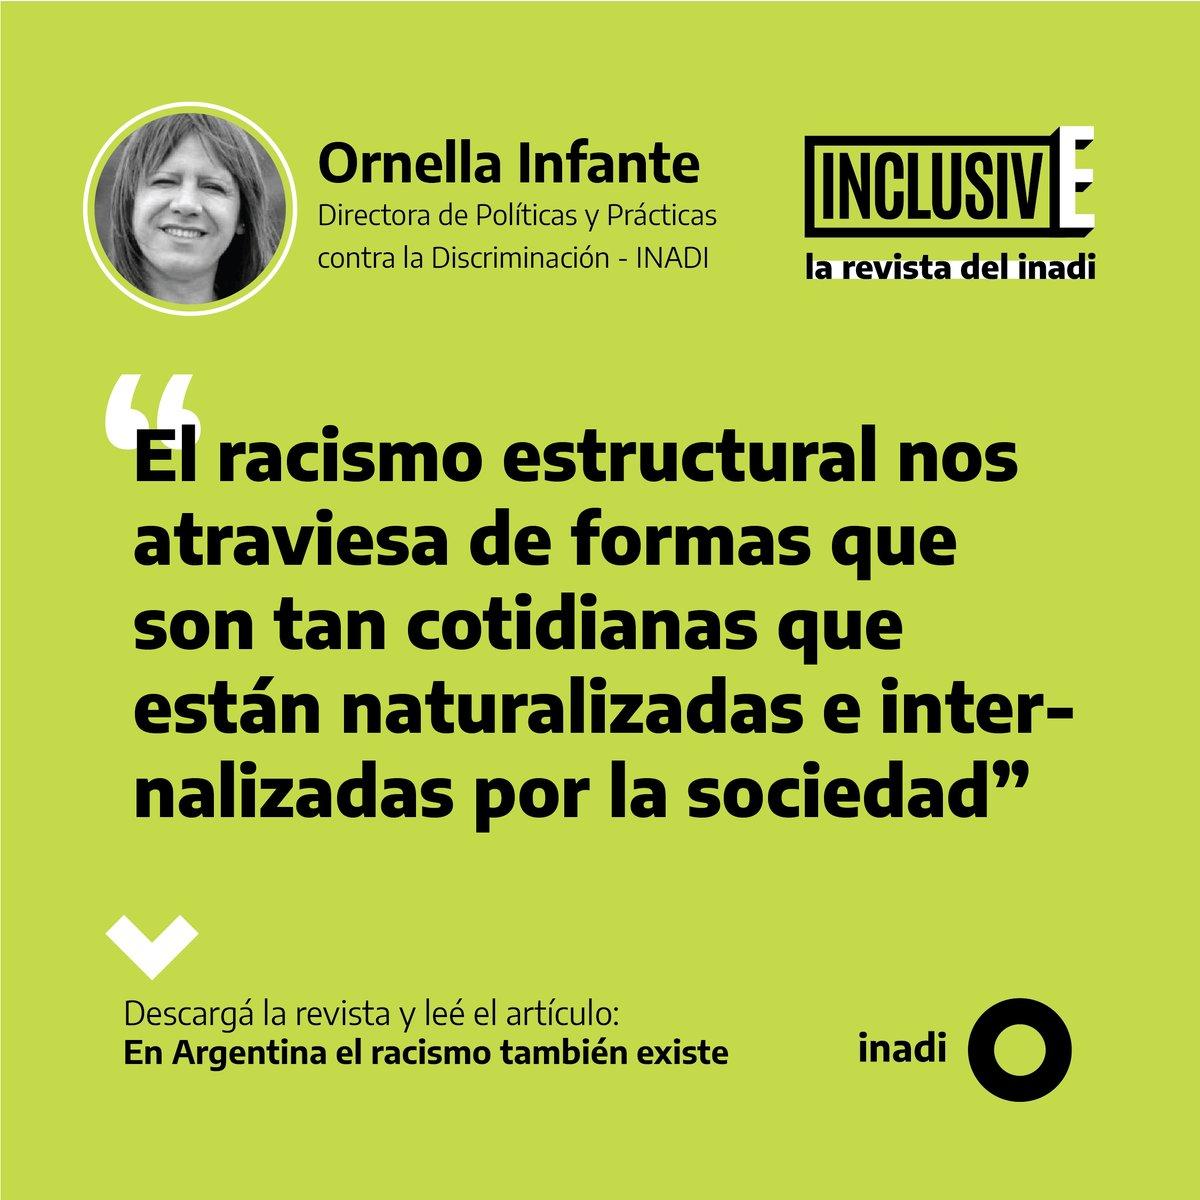 En el primer número de INCLUSIVE, la revista del INADI, nos preguntamos si no hay racismo en la Argentina.  Leé la nota de @OrnellaInfante, directora de Políticas y Prácticas contra la Discriminación del Instituto, sobre el tema  Descargá INCLUSIVE acá 👇🏼  https://t.co/jQsgnVwu8F https://t.co/dCsUDZpNRT